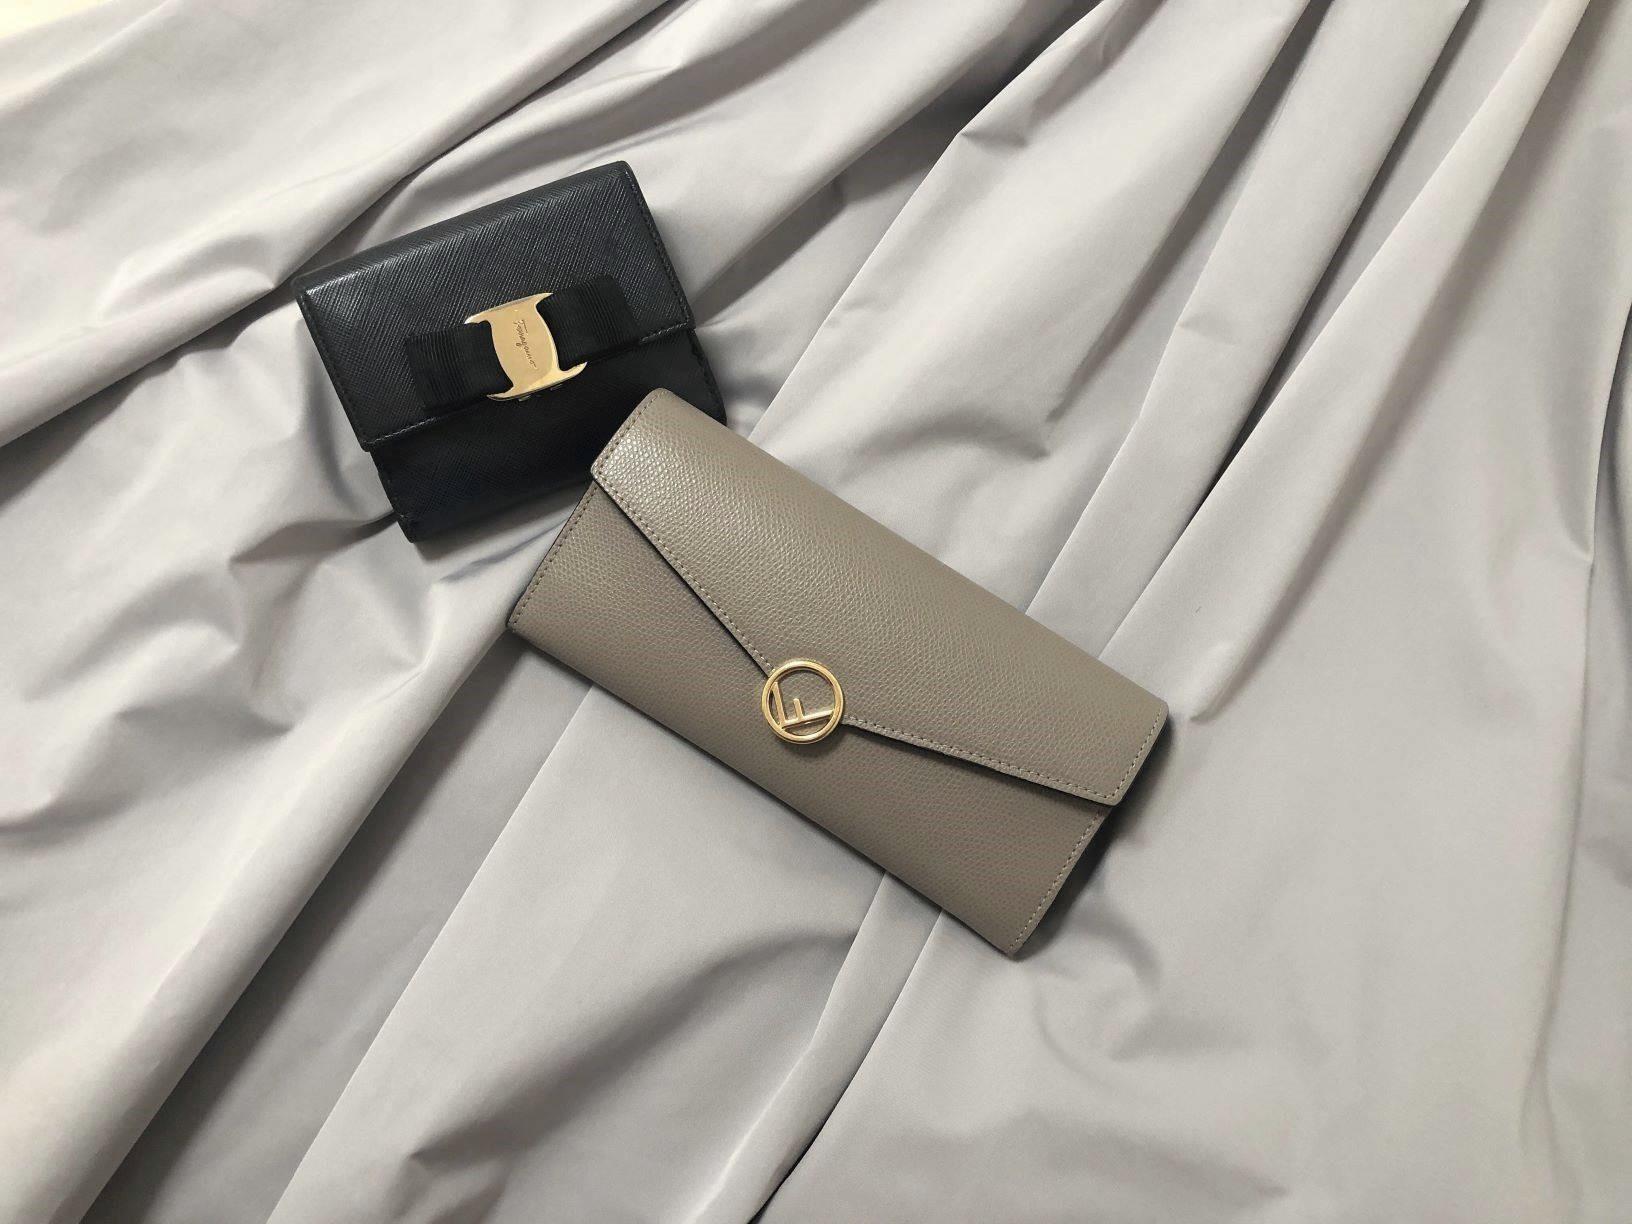 【20代女子の愛用財布】メインとサブと。(FENDI × Salvatore Ferragamo)_1